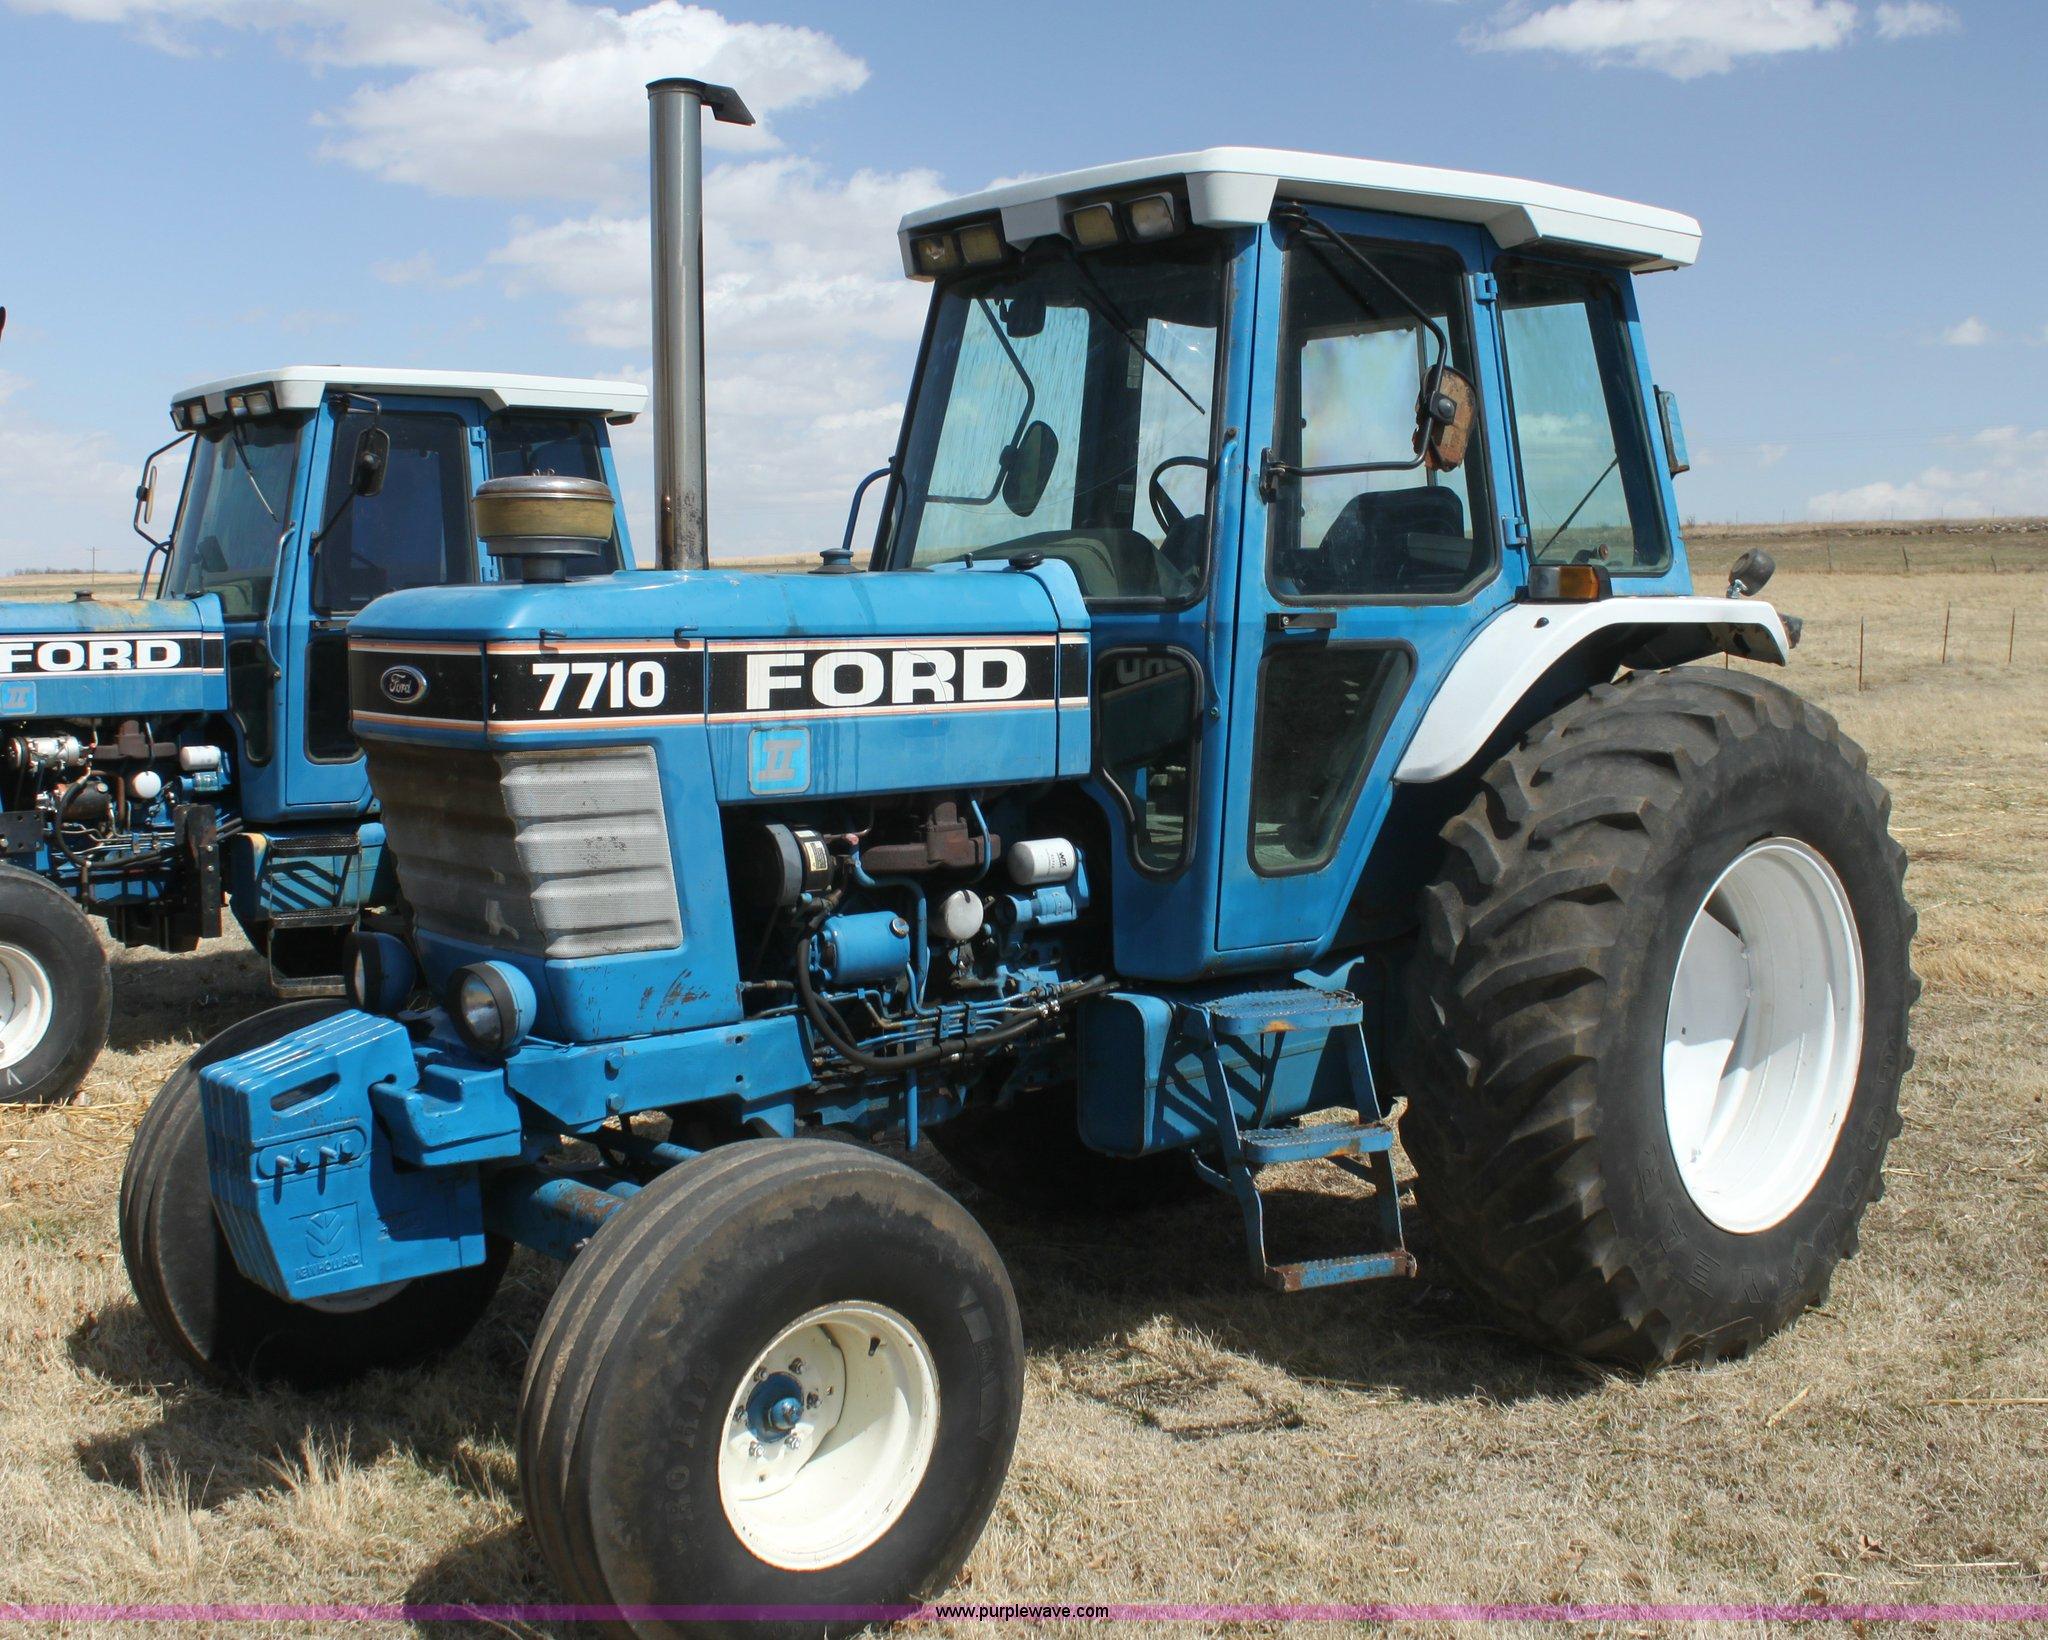 1988 ford 7710 tractor item h2217 sold april 23 ag. Black Bedroom Furniture Sets. Home Design Ideas